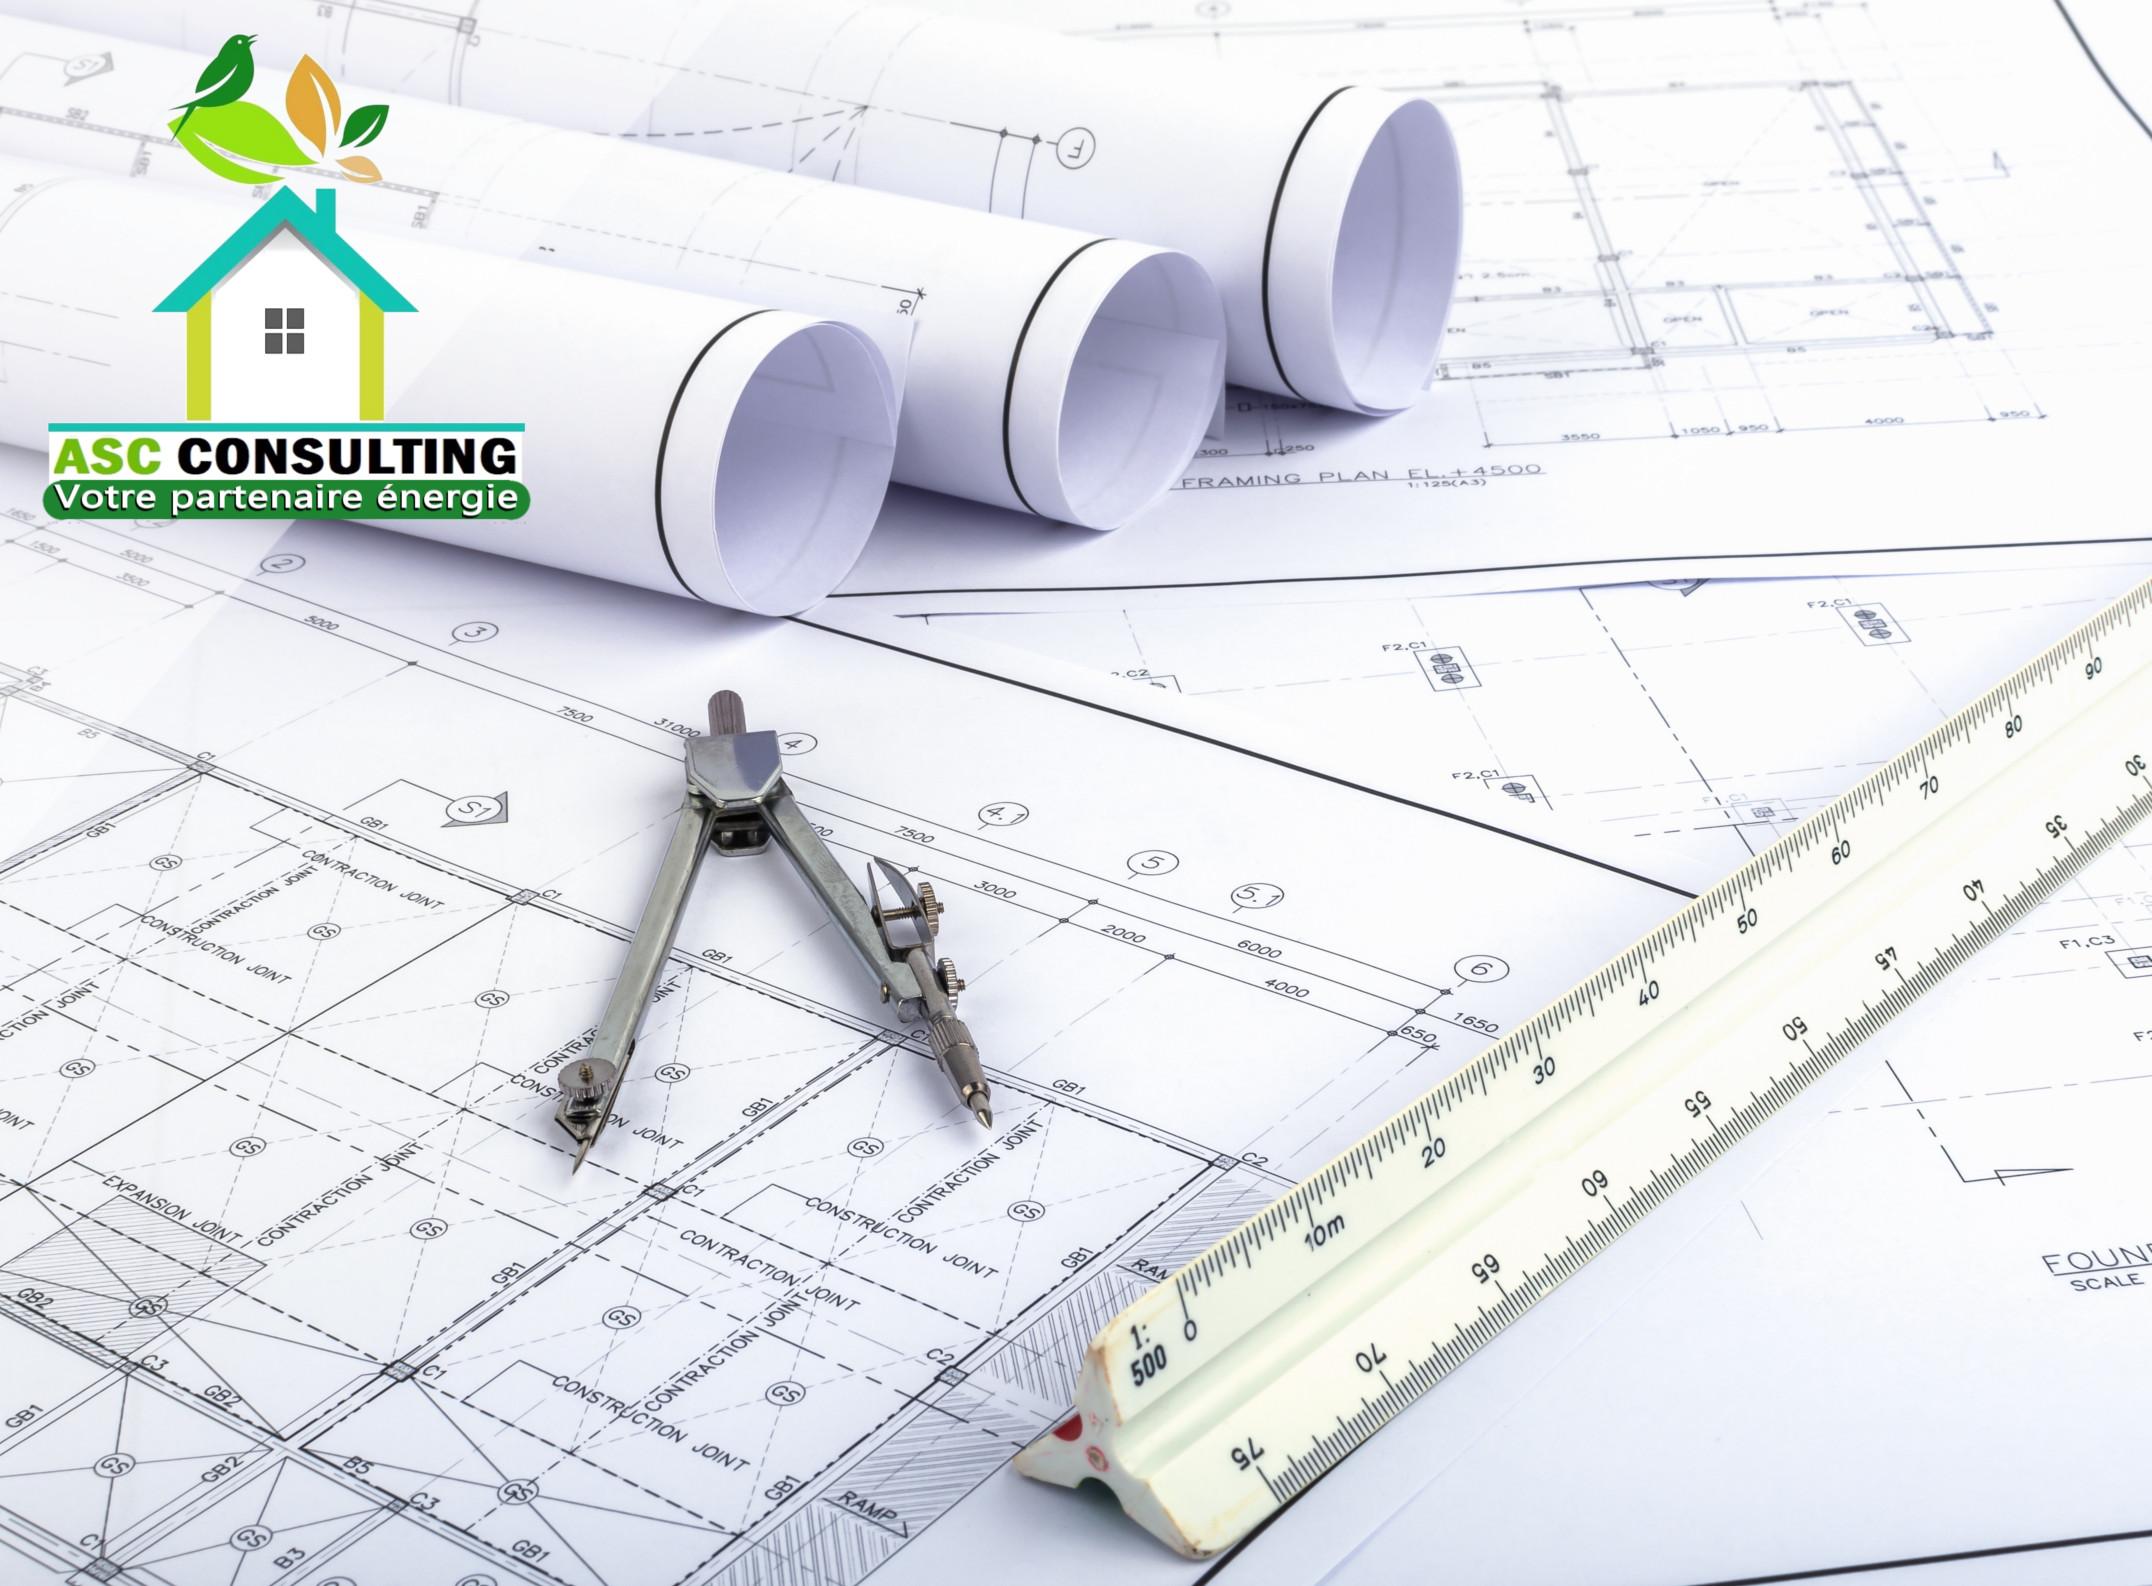 Gestion technique et énergétique des bâtiments